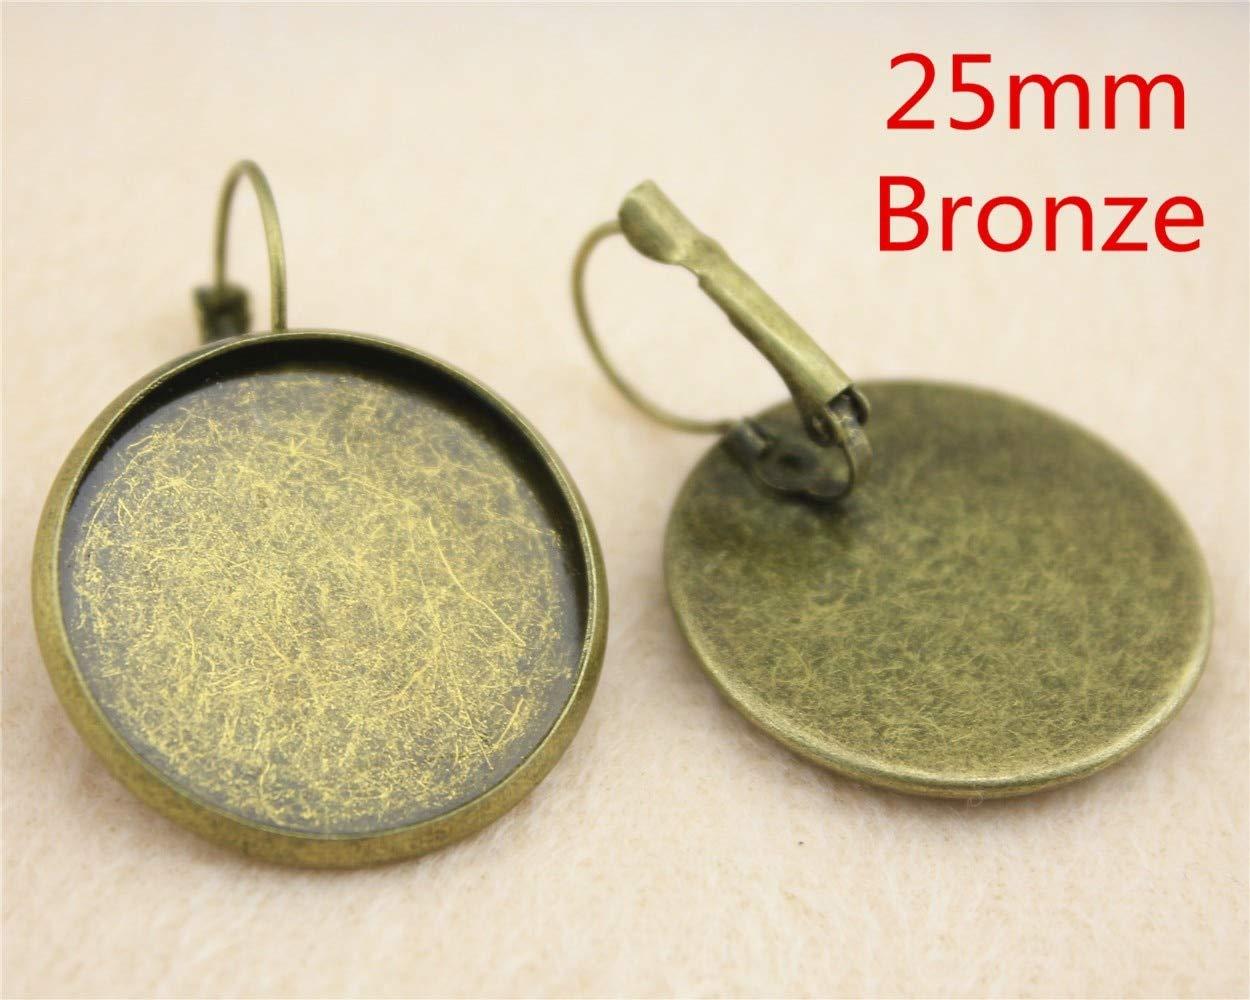 12 ganchos de palanca francesa para colgar MEWME joyer/ía 25 mm suministros H120 de lat/ón con forma de cabuj/ón colgante para manualidades redondos planos